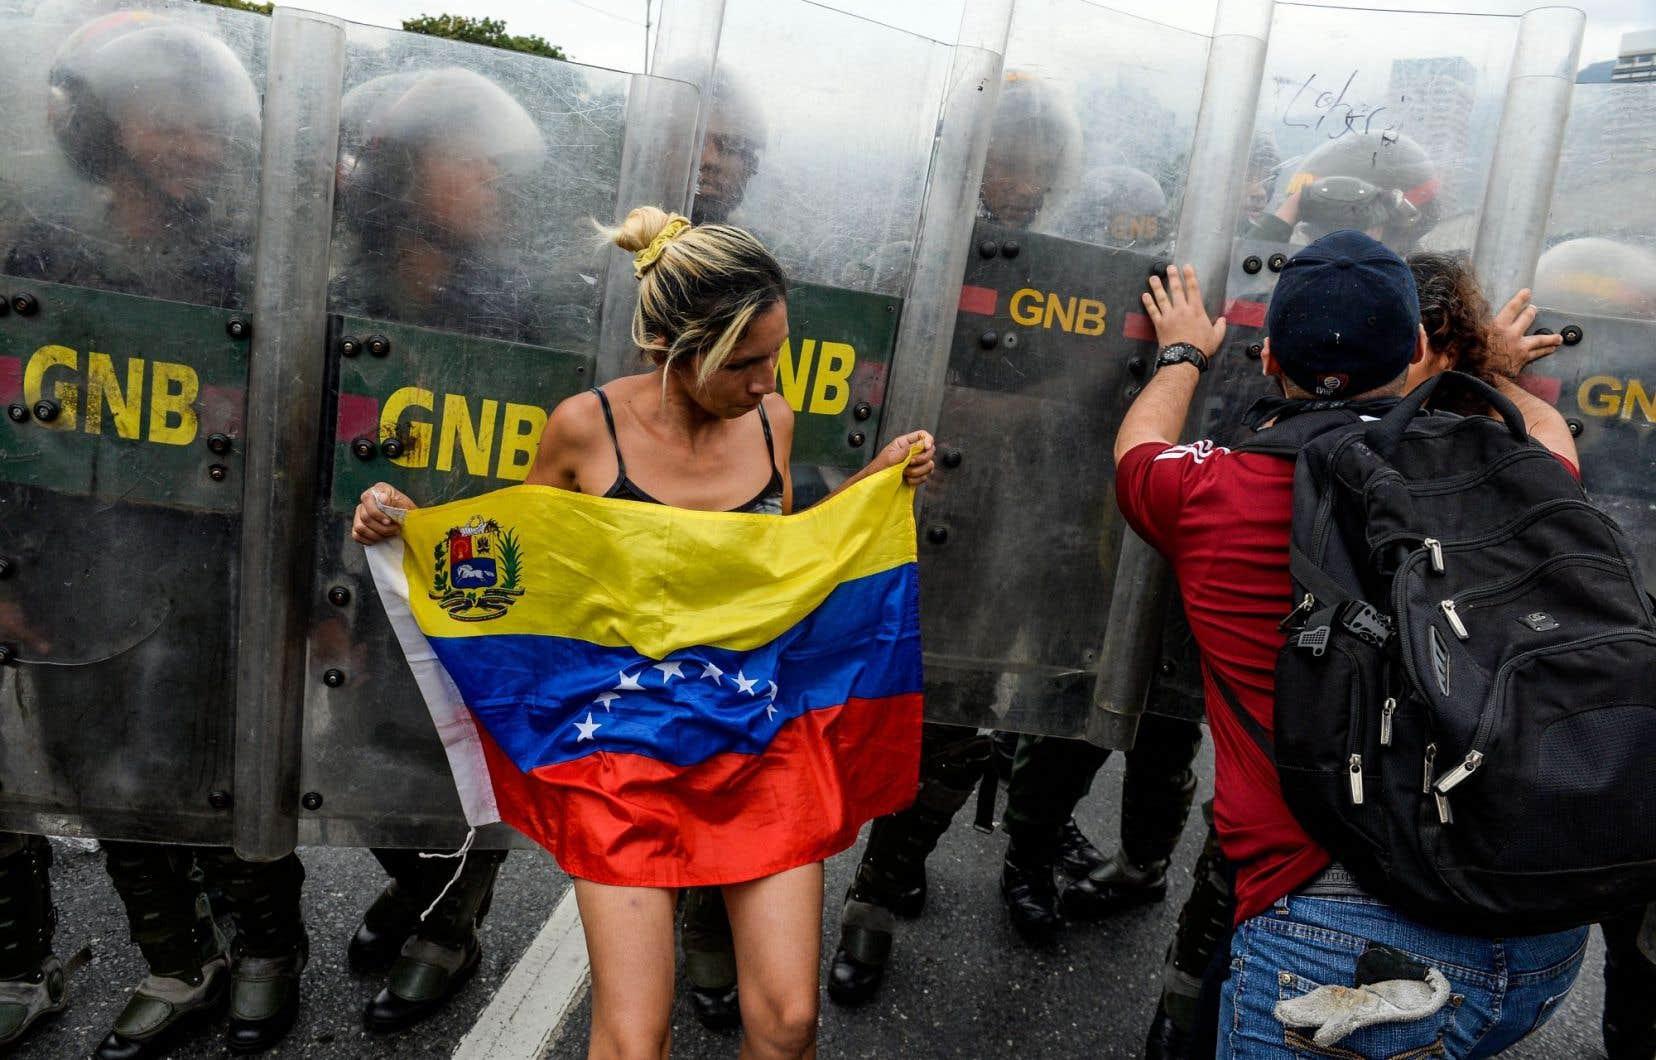 Avec une inflation galopante et une monnaie dévaluée, les Vénézuéliens souffrent de graves pénuries alimentaires qui les poussent à manifester leur mécontentement à l'égard du gouvernement, comme sur cette photo prise à Caracas il y a une semaine.